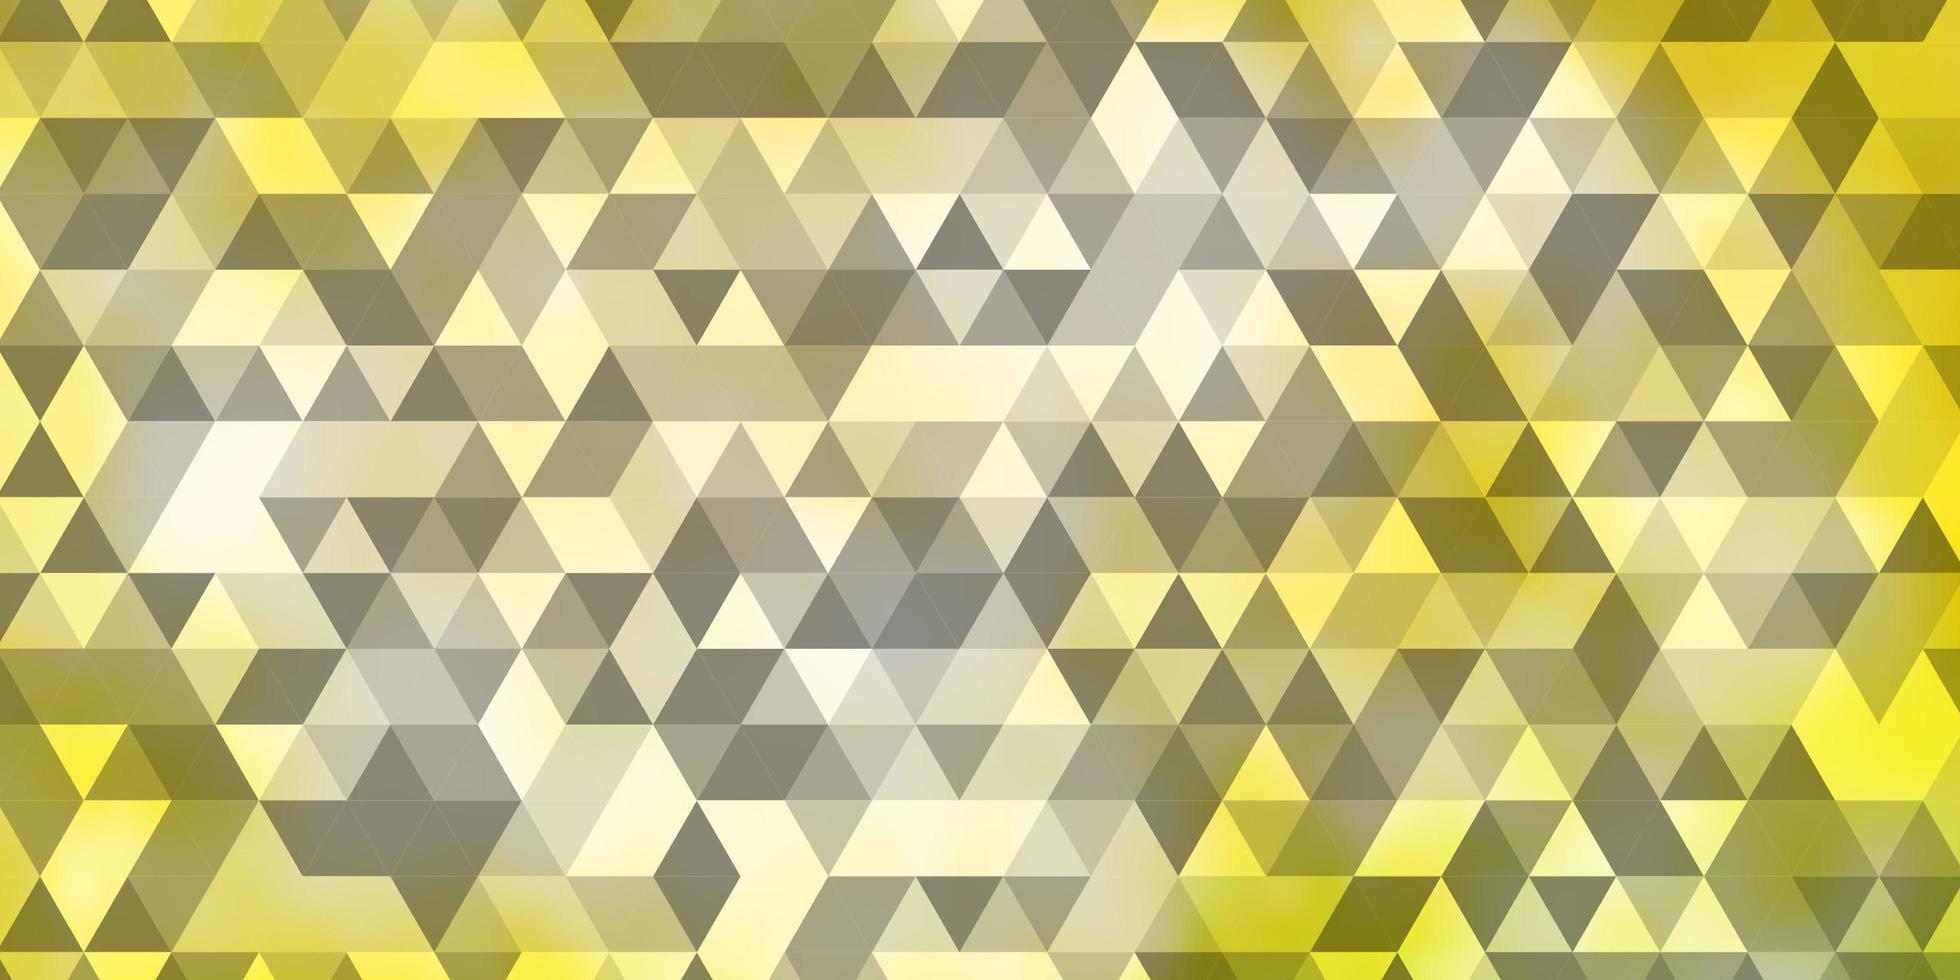 ljusgrön, gul vektorbakgrund med trianglar. vektor